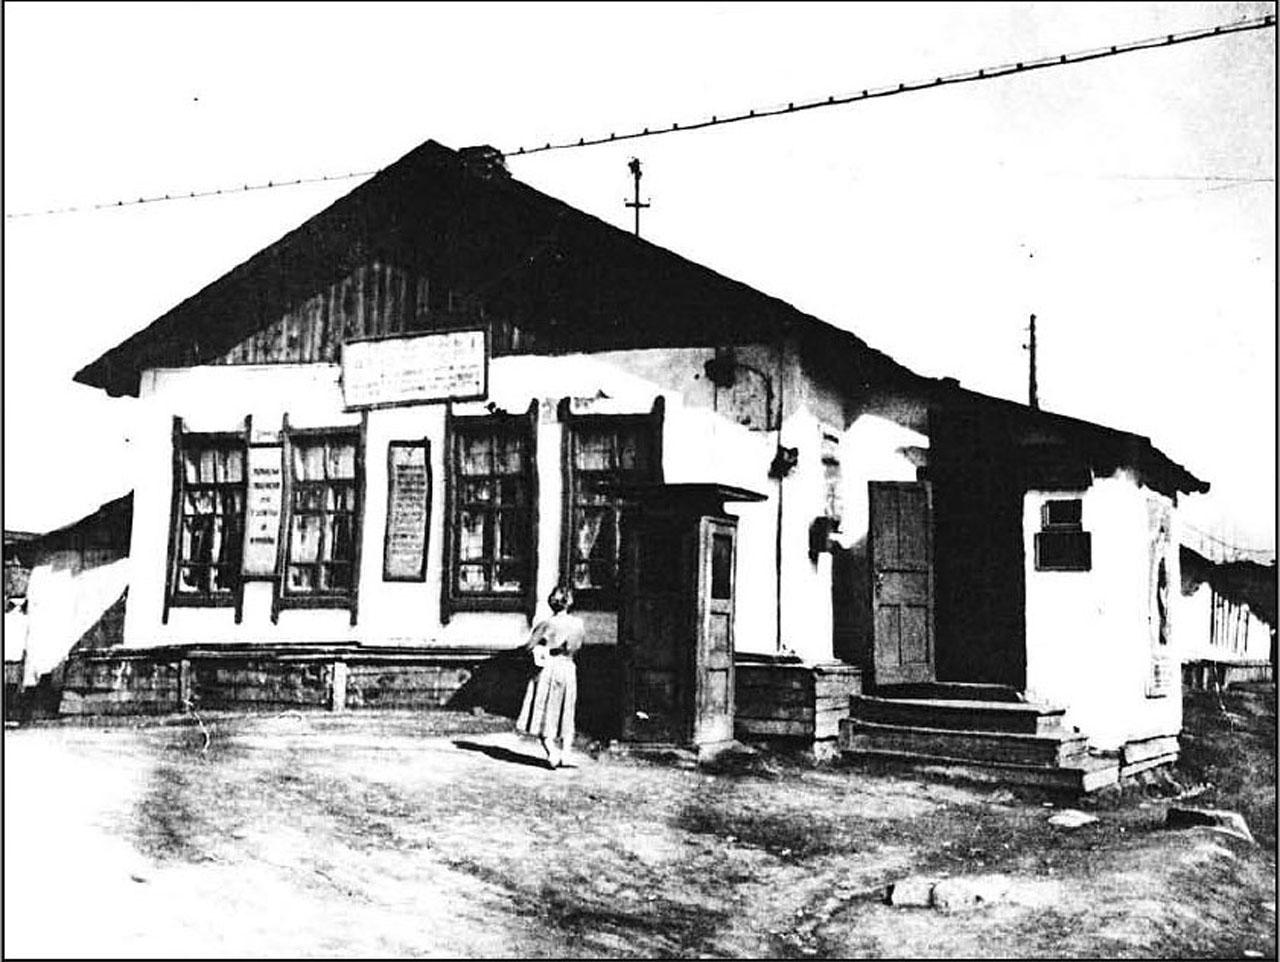 Восточно-Эвенская (Нагаевская) культбаза. Ветеринарный пункт. В 50-е годы - Нагаевское отделение связи.